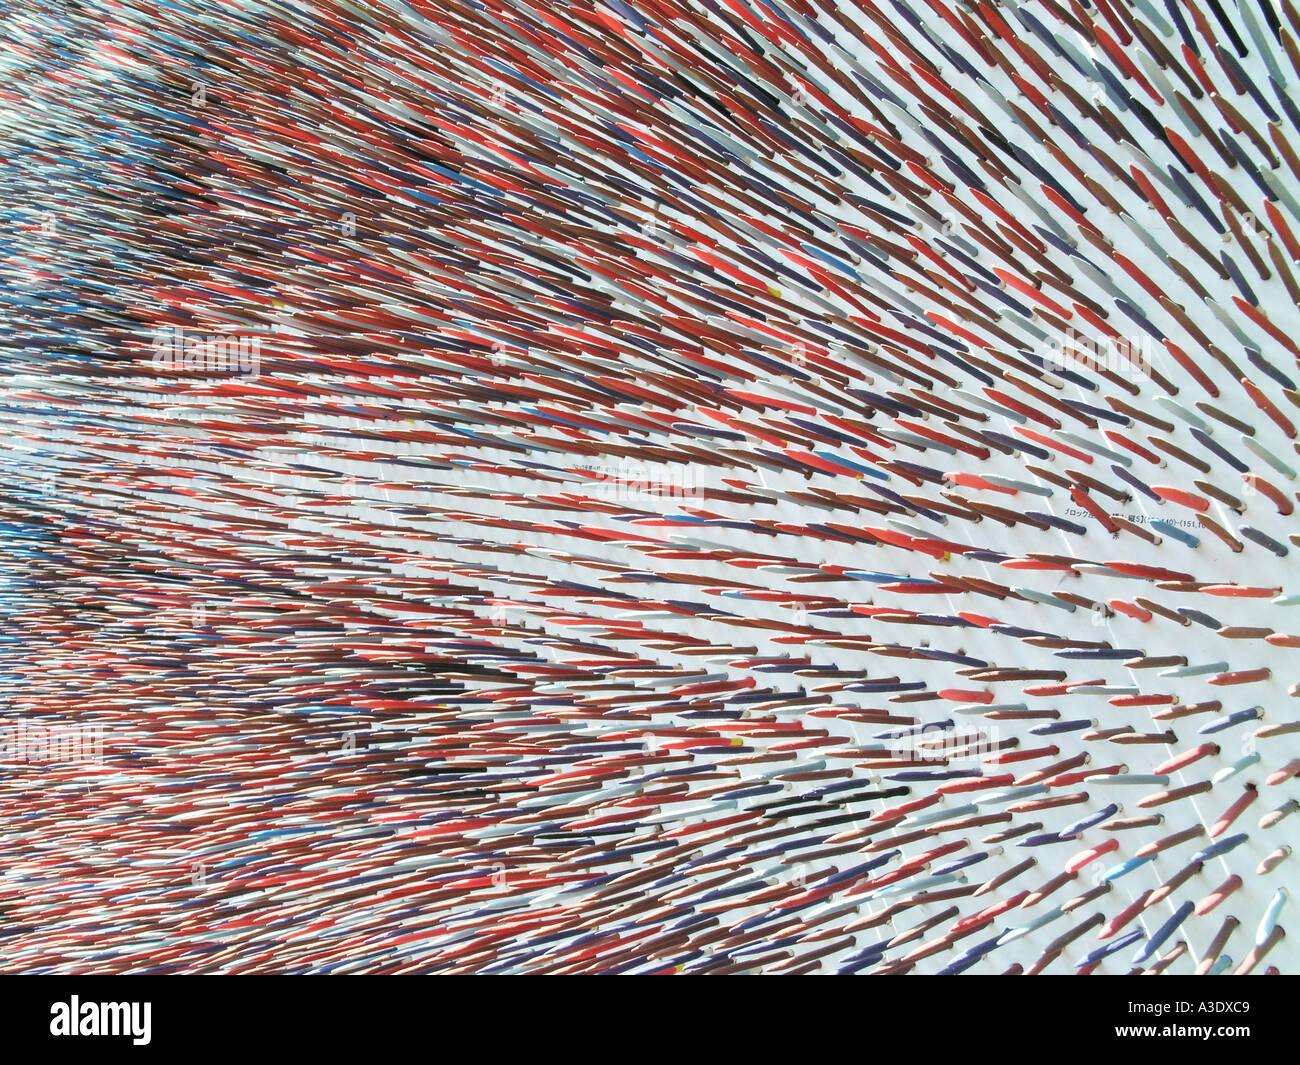 3 dimensional artwork display - Stock Image